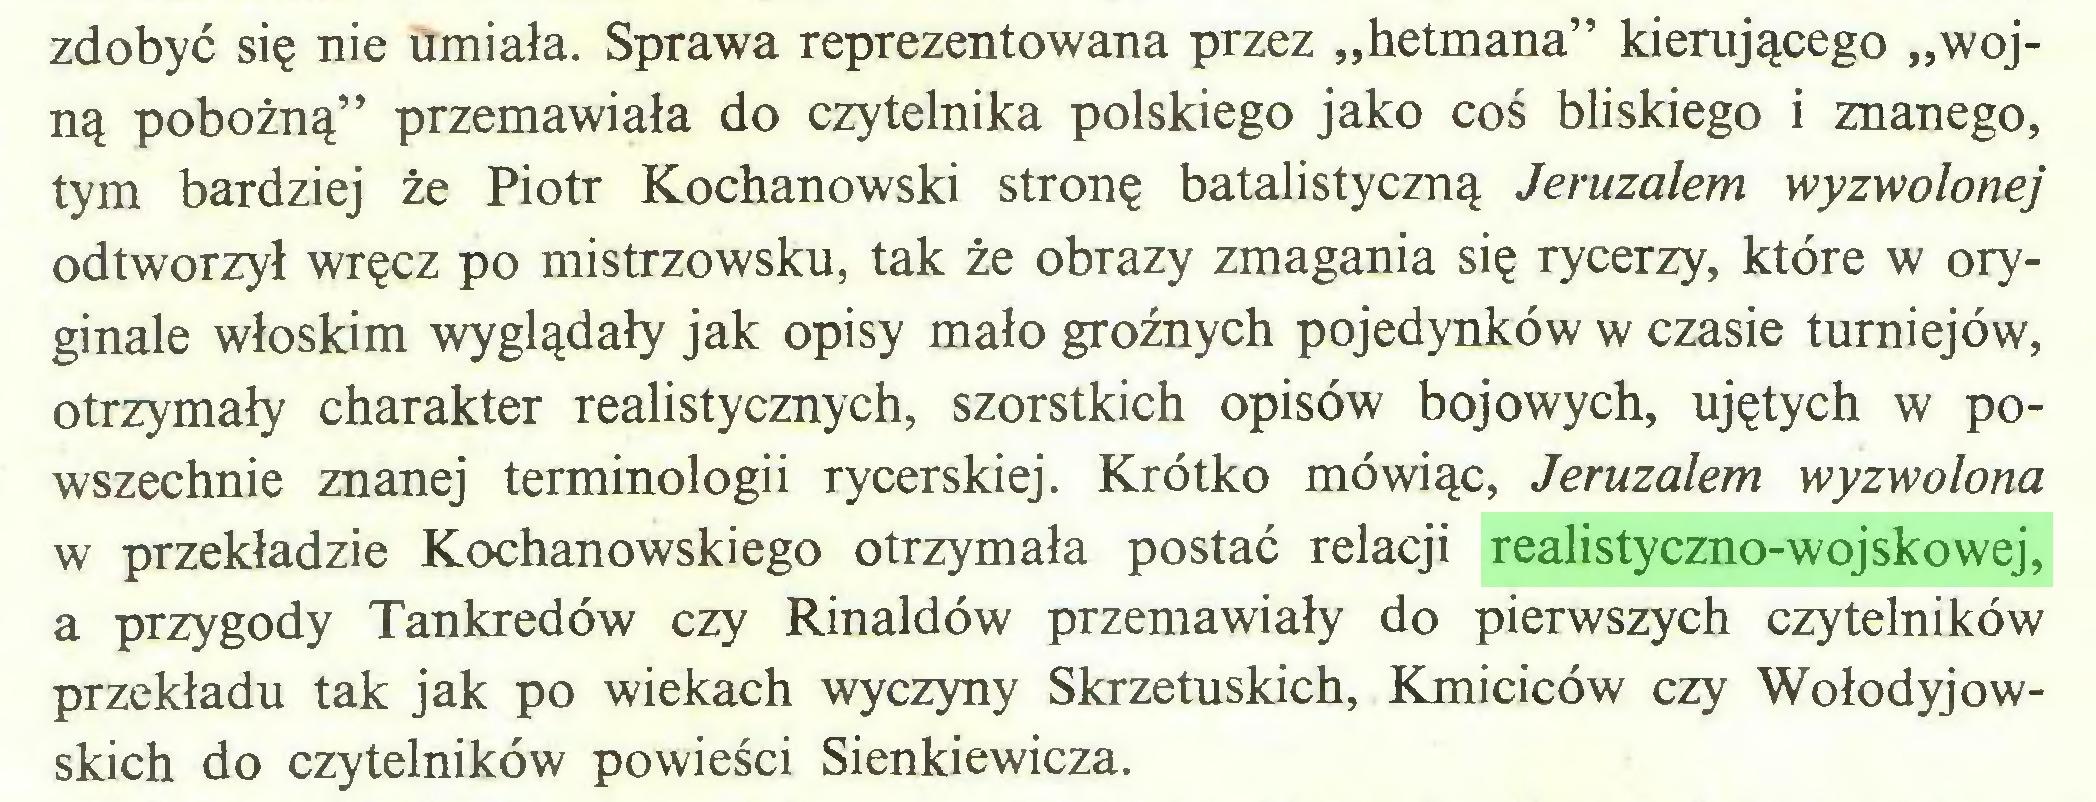 """(...) zdobyć się nie umiała. Sprawa reprezentowana przez """"hetmana"""" kierującego """"wojną pobożną"""" przemawiała do czytelnika polskiego jako coś bliskiego i znanego, tym bardziej że Piotr Kochanowski stronę batalistyczną Jeruzalem wyzwolonej odtworzył wręcz po mistrzowsku, tak że obrazy zmagania się rycerzy, które w oryginale włoskim wyglądały jak opisy mało groźnych pojedynków w czasie turniejów, otrzymały charakter realistycznych, szorstkich opisów bojowych, ujętych w powszechnie znanej terminologii rycerskiej. Krótko mówiąc, Jeruzalem wyzwolona w przekładzie Kochanowskiego otrzymała postać relacji realistyczno-wojskowej, a przygody Tankredów czy Rinaldów przemawiały do pierwszych czytelników przekładu tak jak po wiekach wyczyny Skrzetuskich, Kmiciców czy Wołodyjowskich do czytelników powieści Sienkiewicza..."""